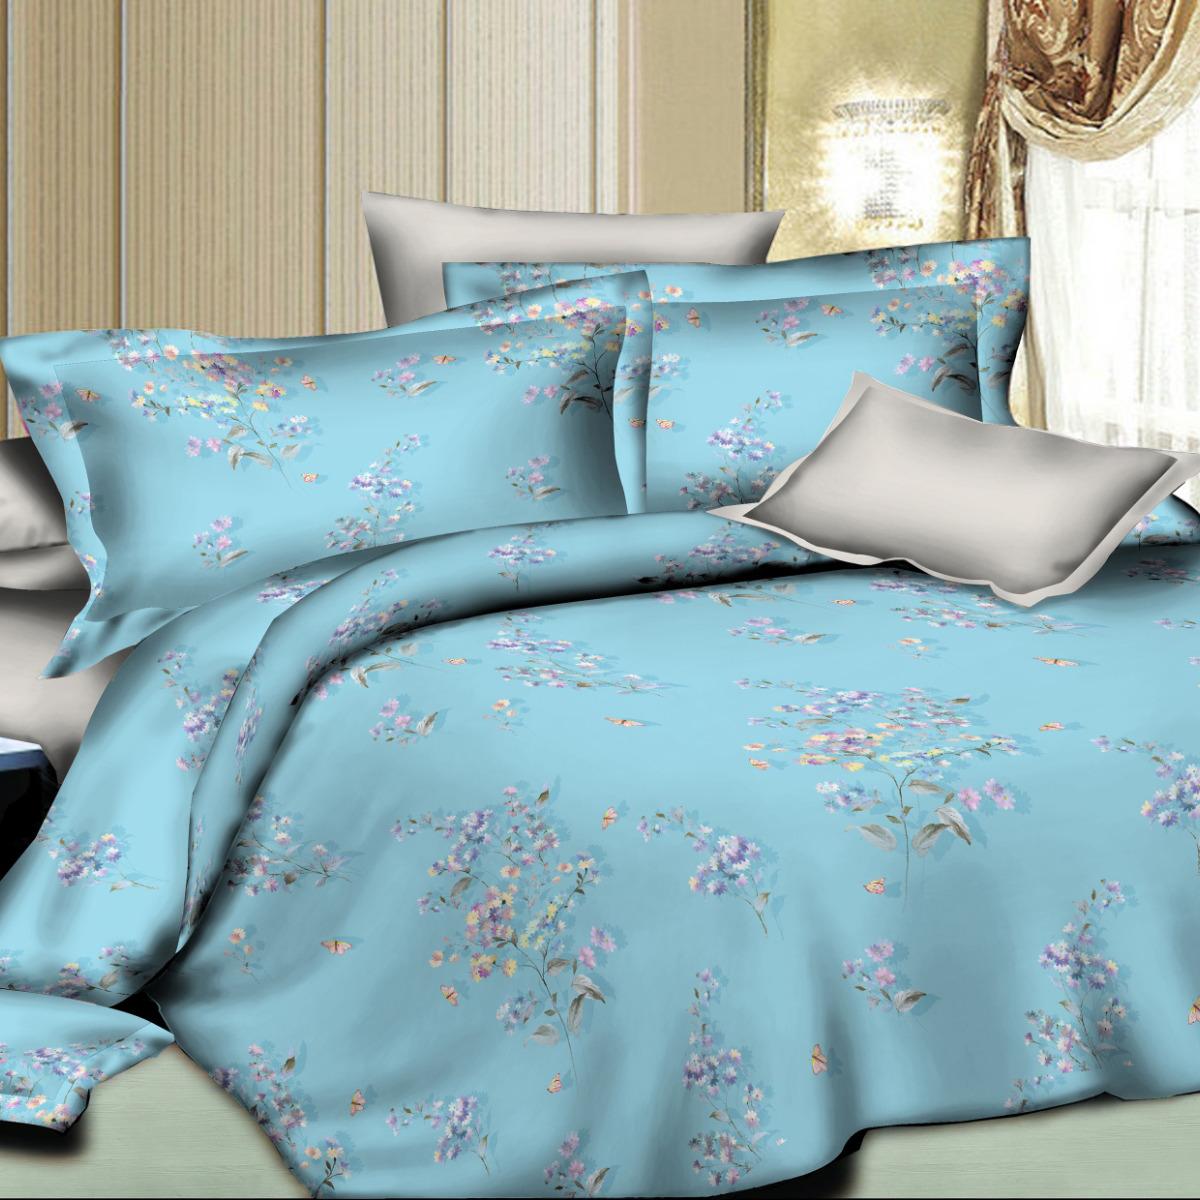 Комплект постельного белья Letto, 2-спальный, наволочки 50х70. SM96-4 комплект постельного белья 2 спальный из сатина seta цвет голубой розовый